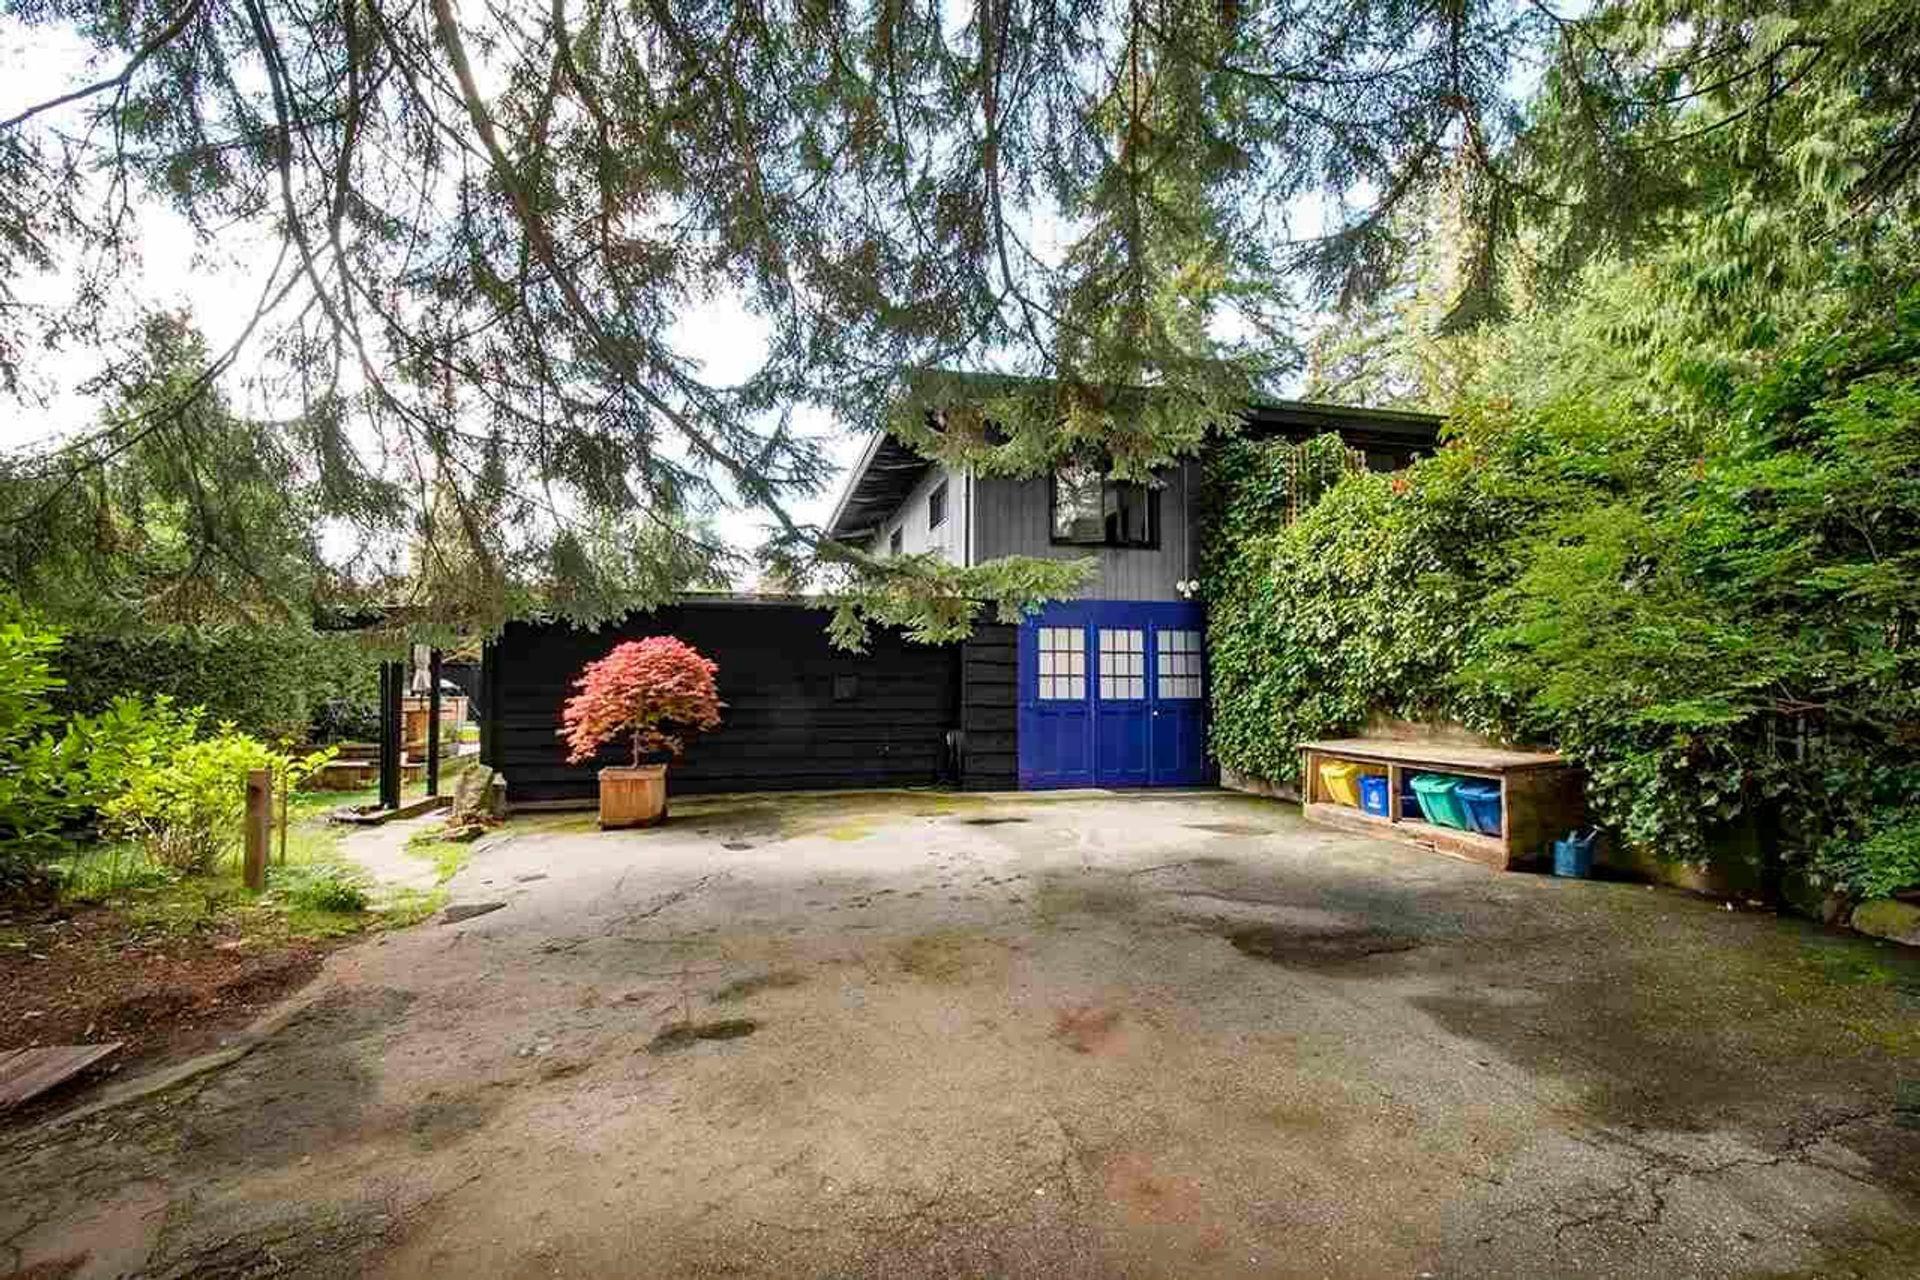 3290-regent-avenue-princess-park-north-vancouver-32 at 3290 Regent Avenue, Princess Park, North Vancouver